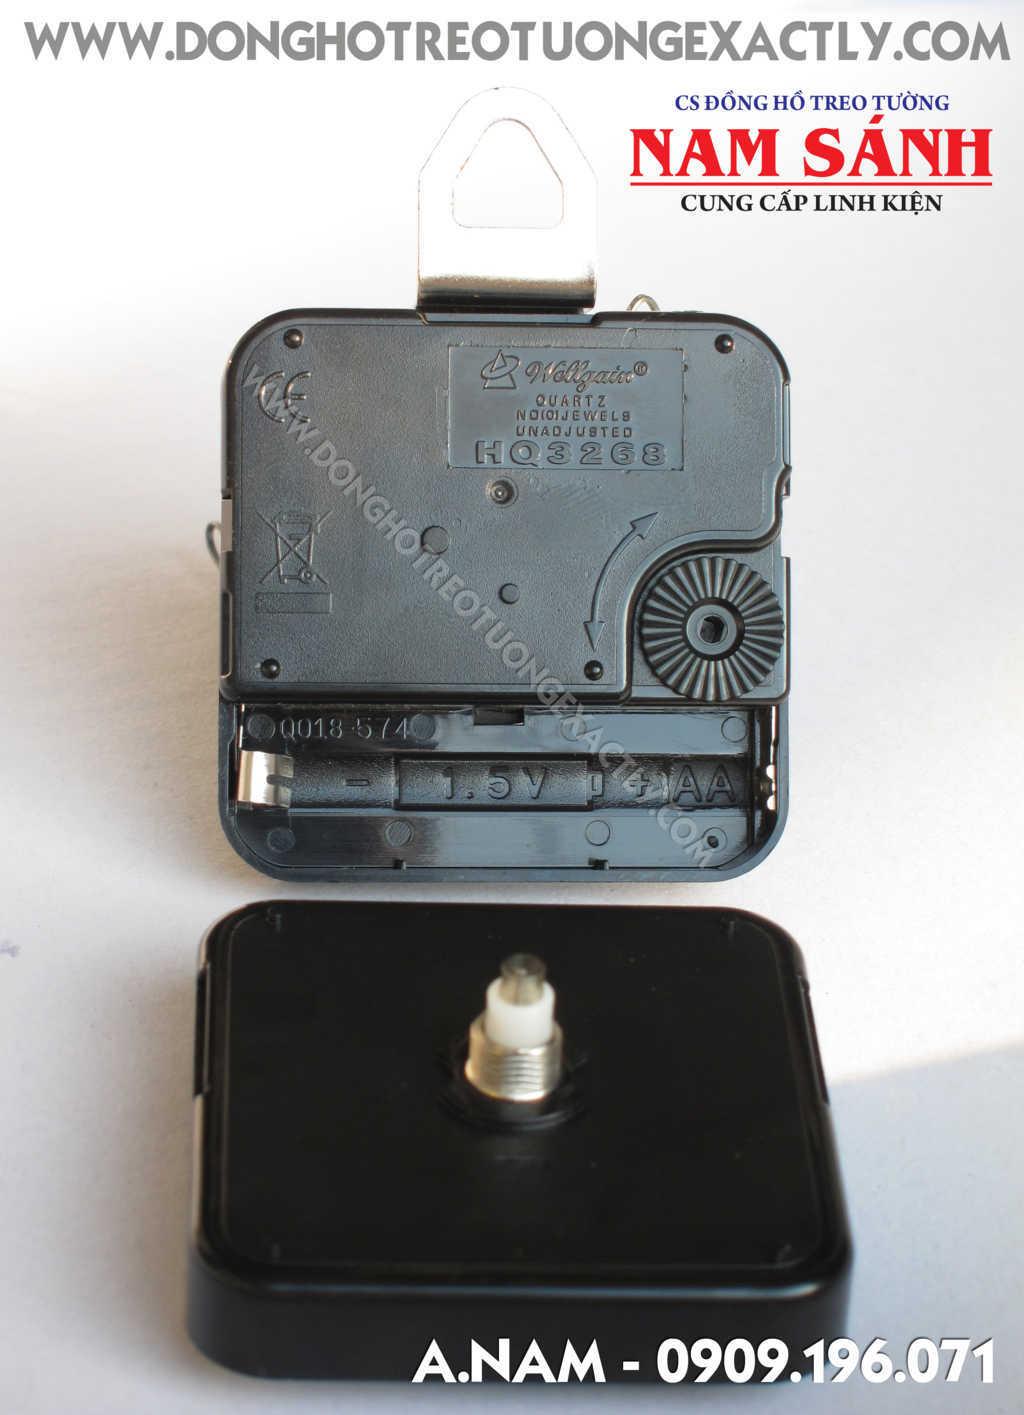 Diễn đàn rao vặt tổng hợp: máy đồng hồ treo tường giá sỉ IMG_5603-1%20-%20A.Nam%200909.196.071